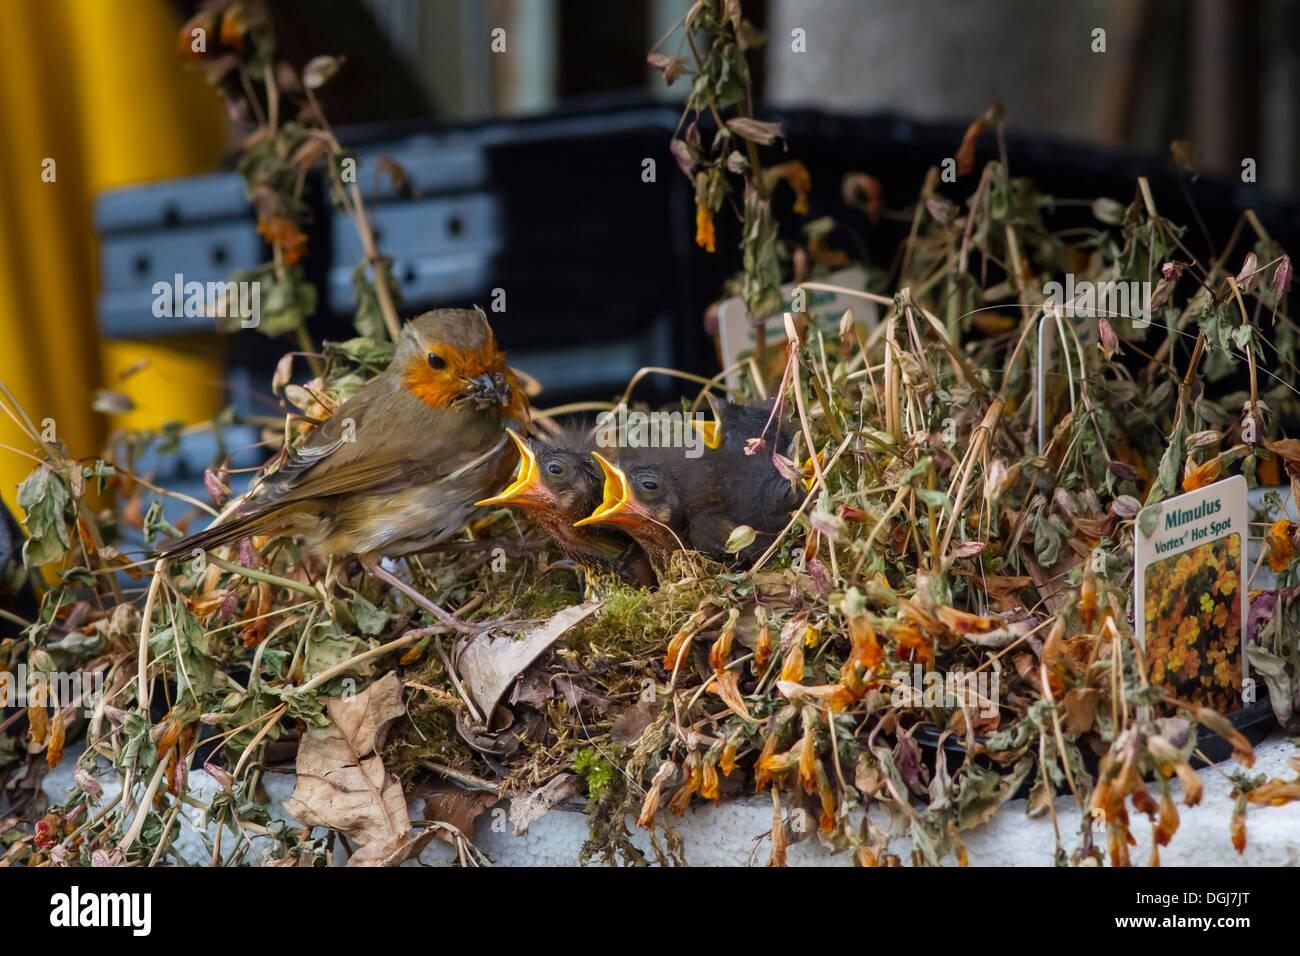 Robin l'alimentation d'un nid de jeunes affamés dans un bac de plantes dans un centre de jardinage. Photo Stock